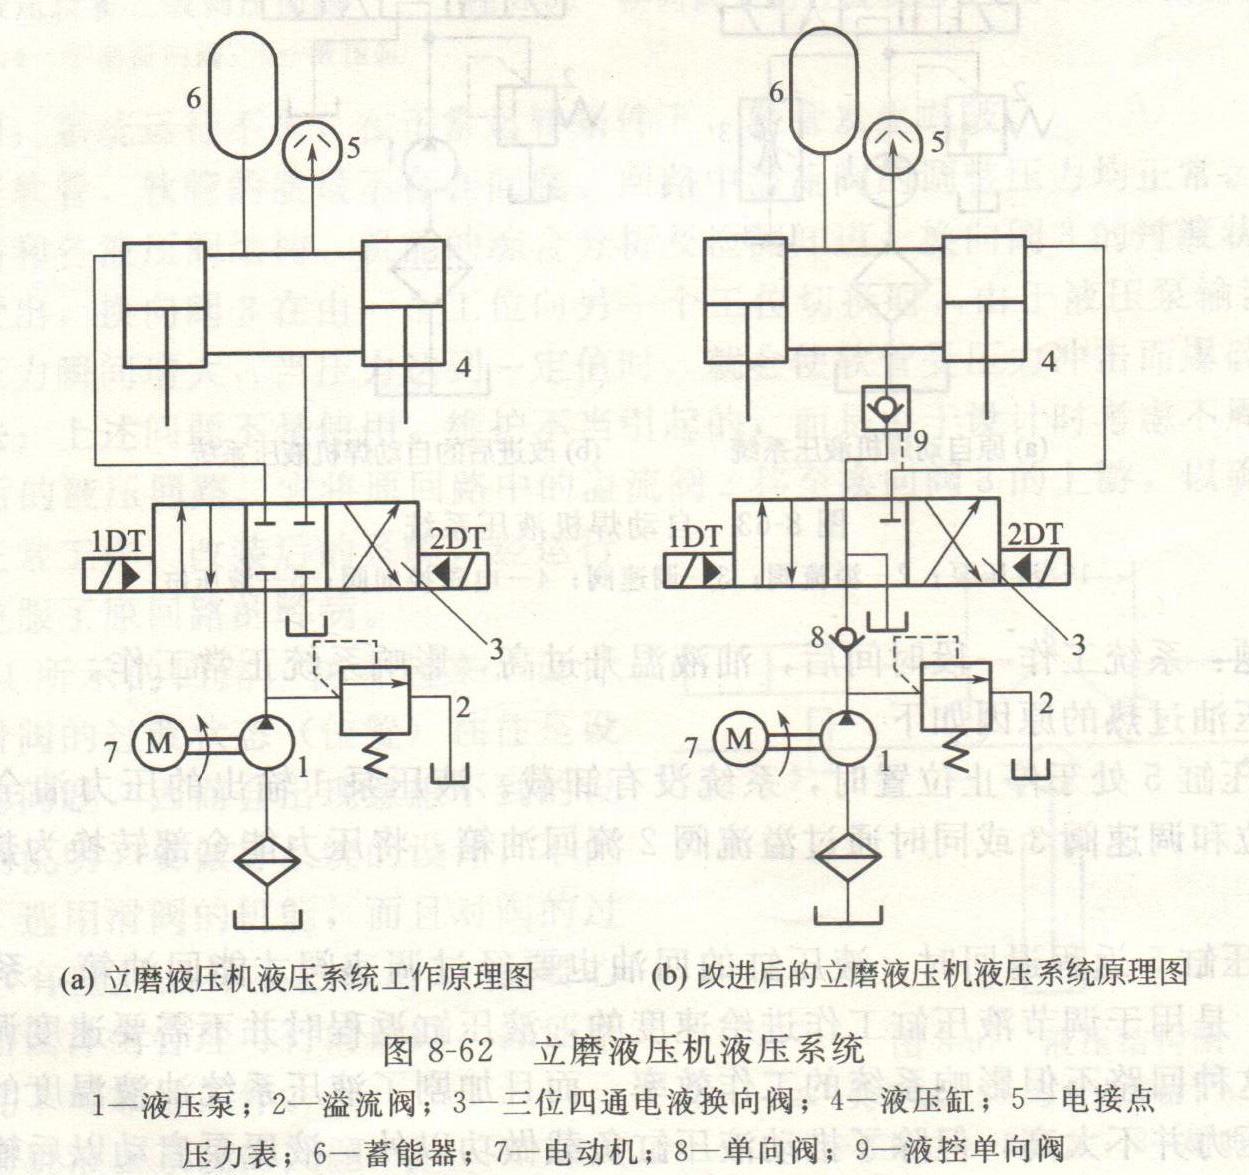 立磨液压机液压系统的运行问题